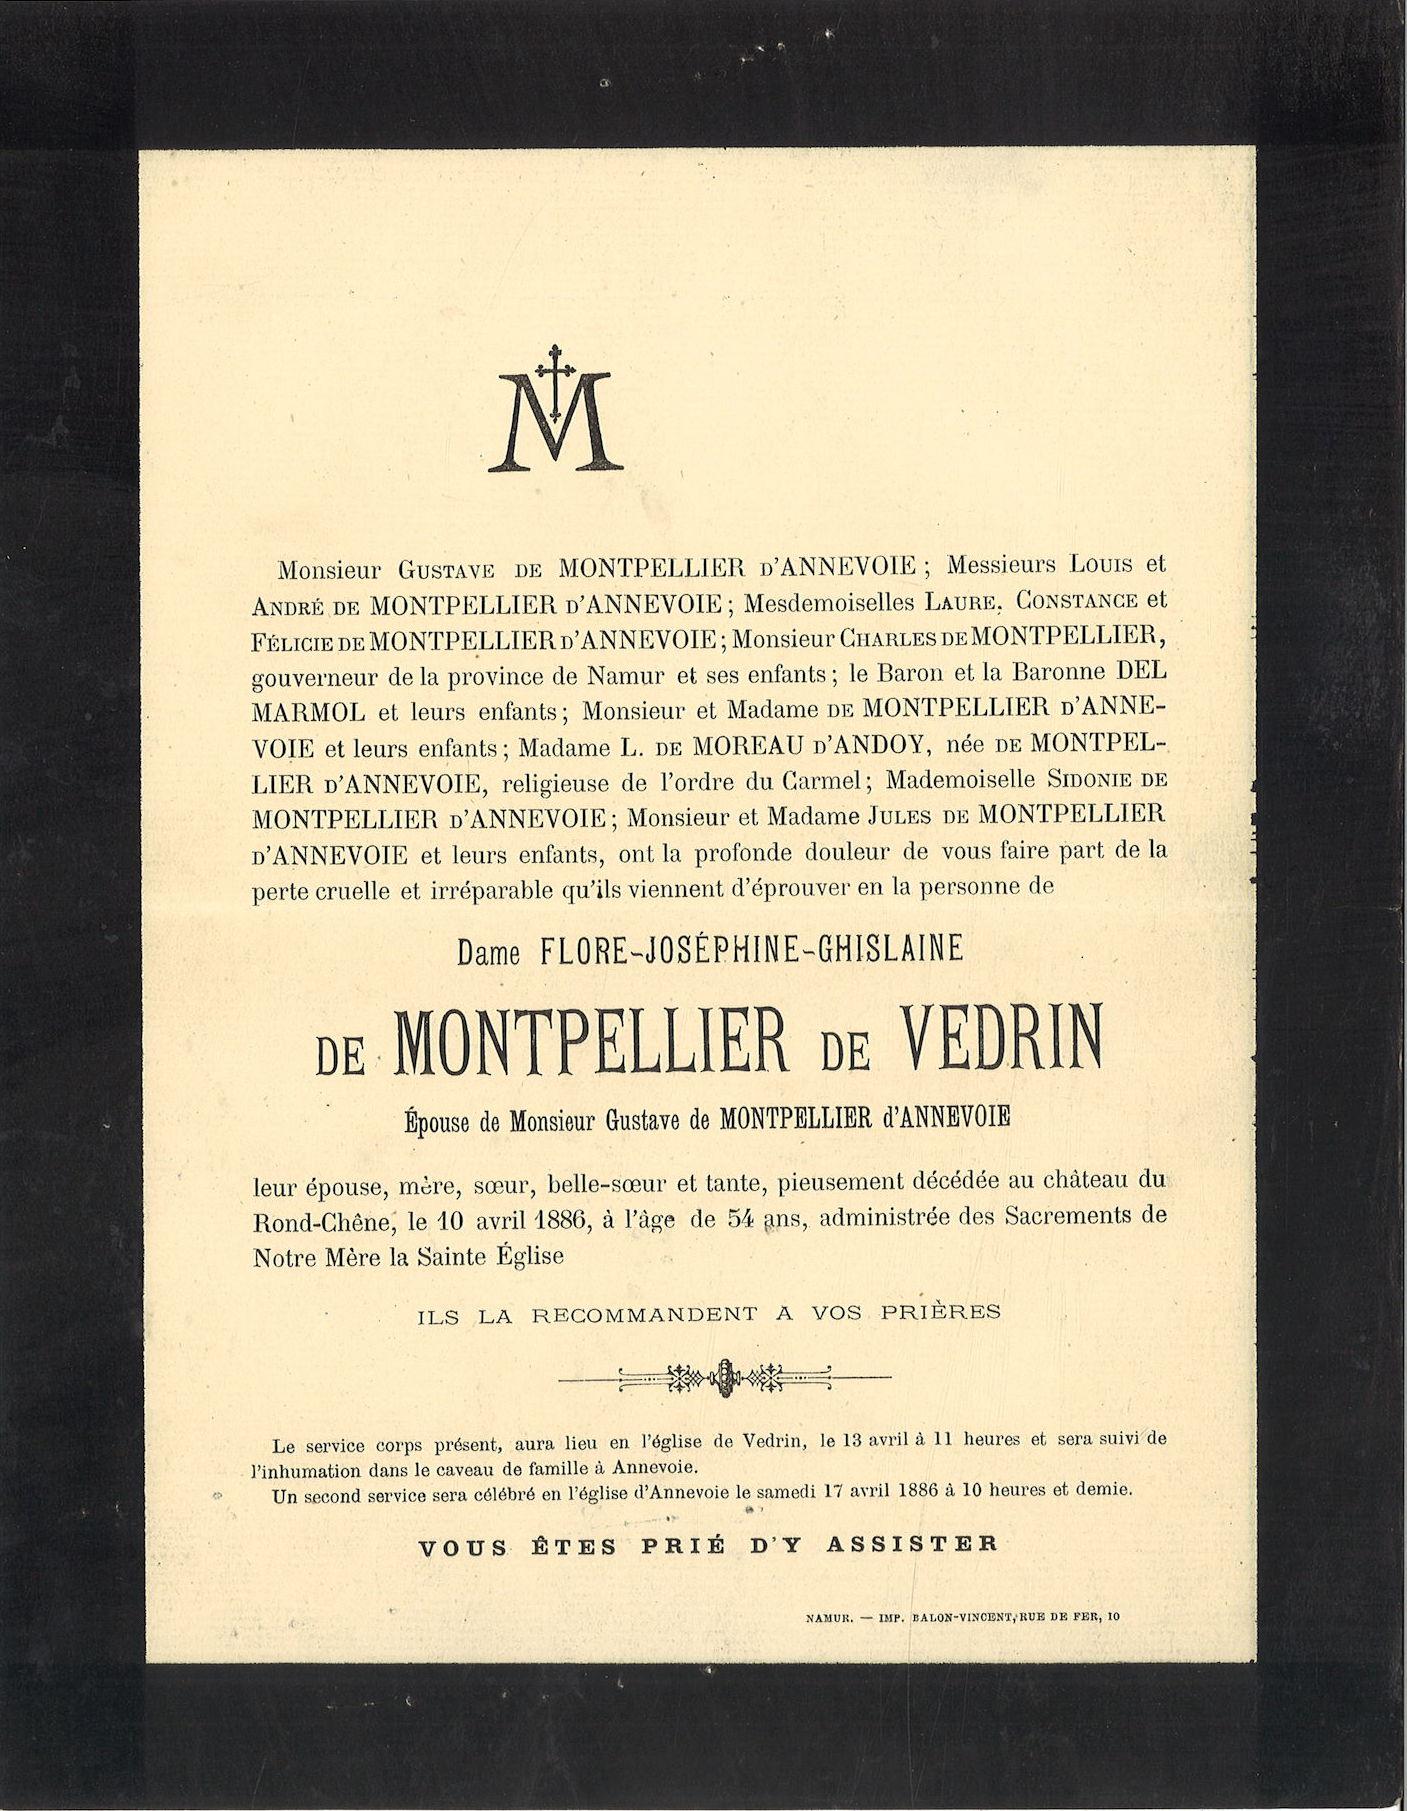 Flore-Joséphine-Ghilsaine de Montpellier de Vedrin